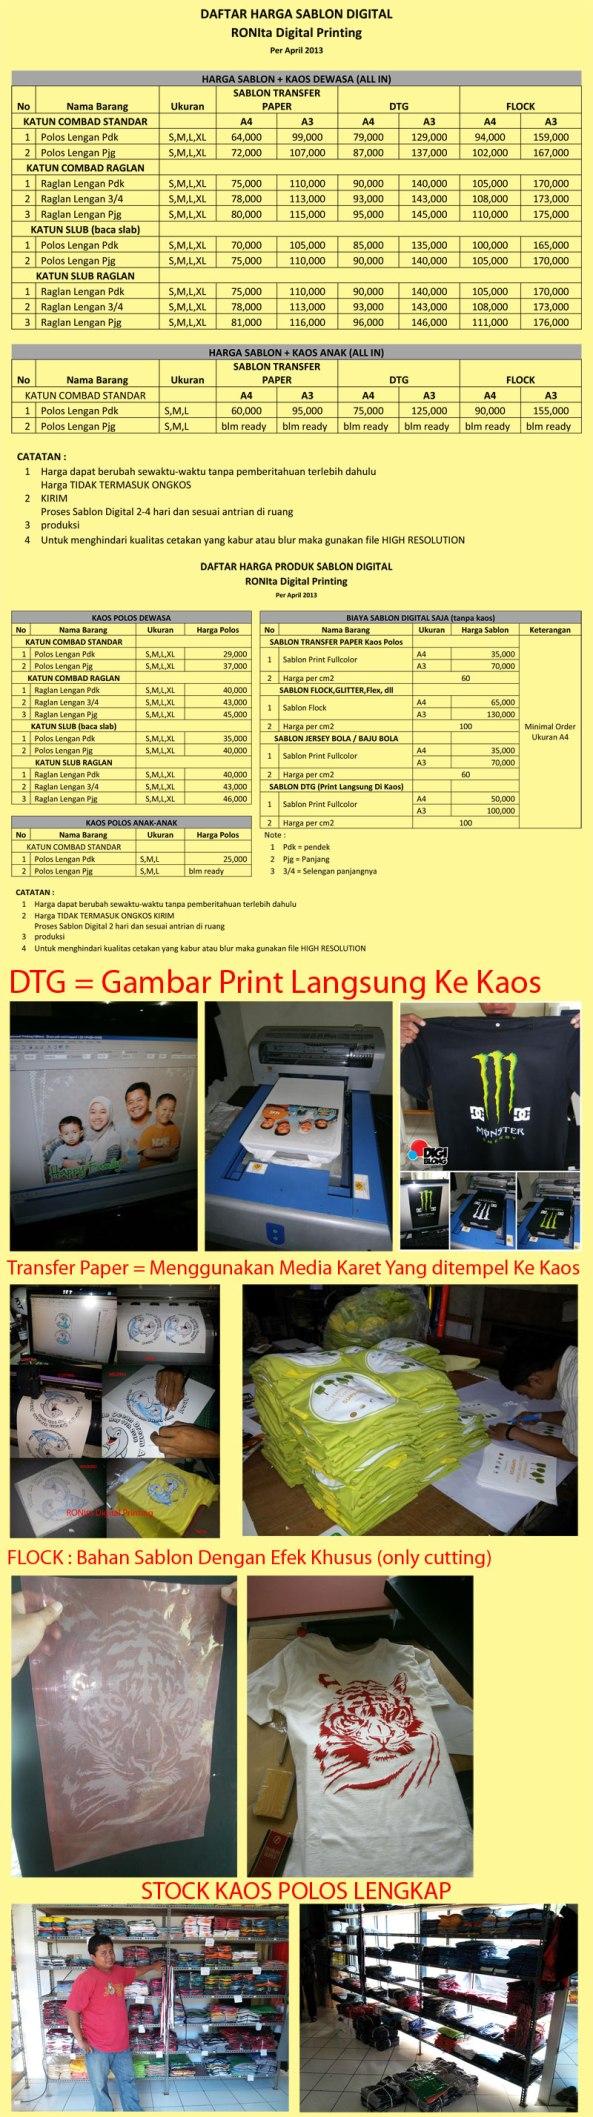 Layanan-Sablon-Digital-RONIta-Digital-Printing